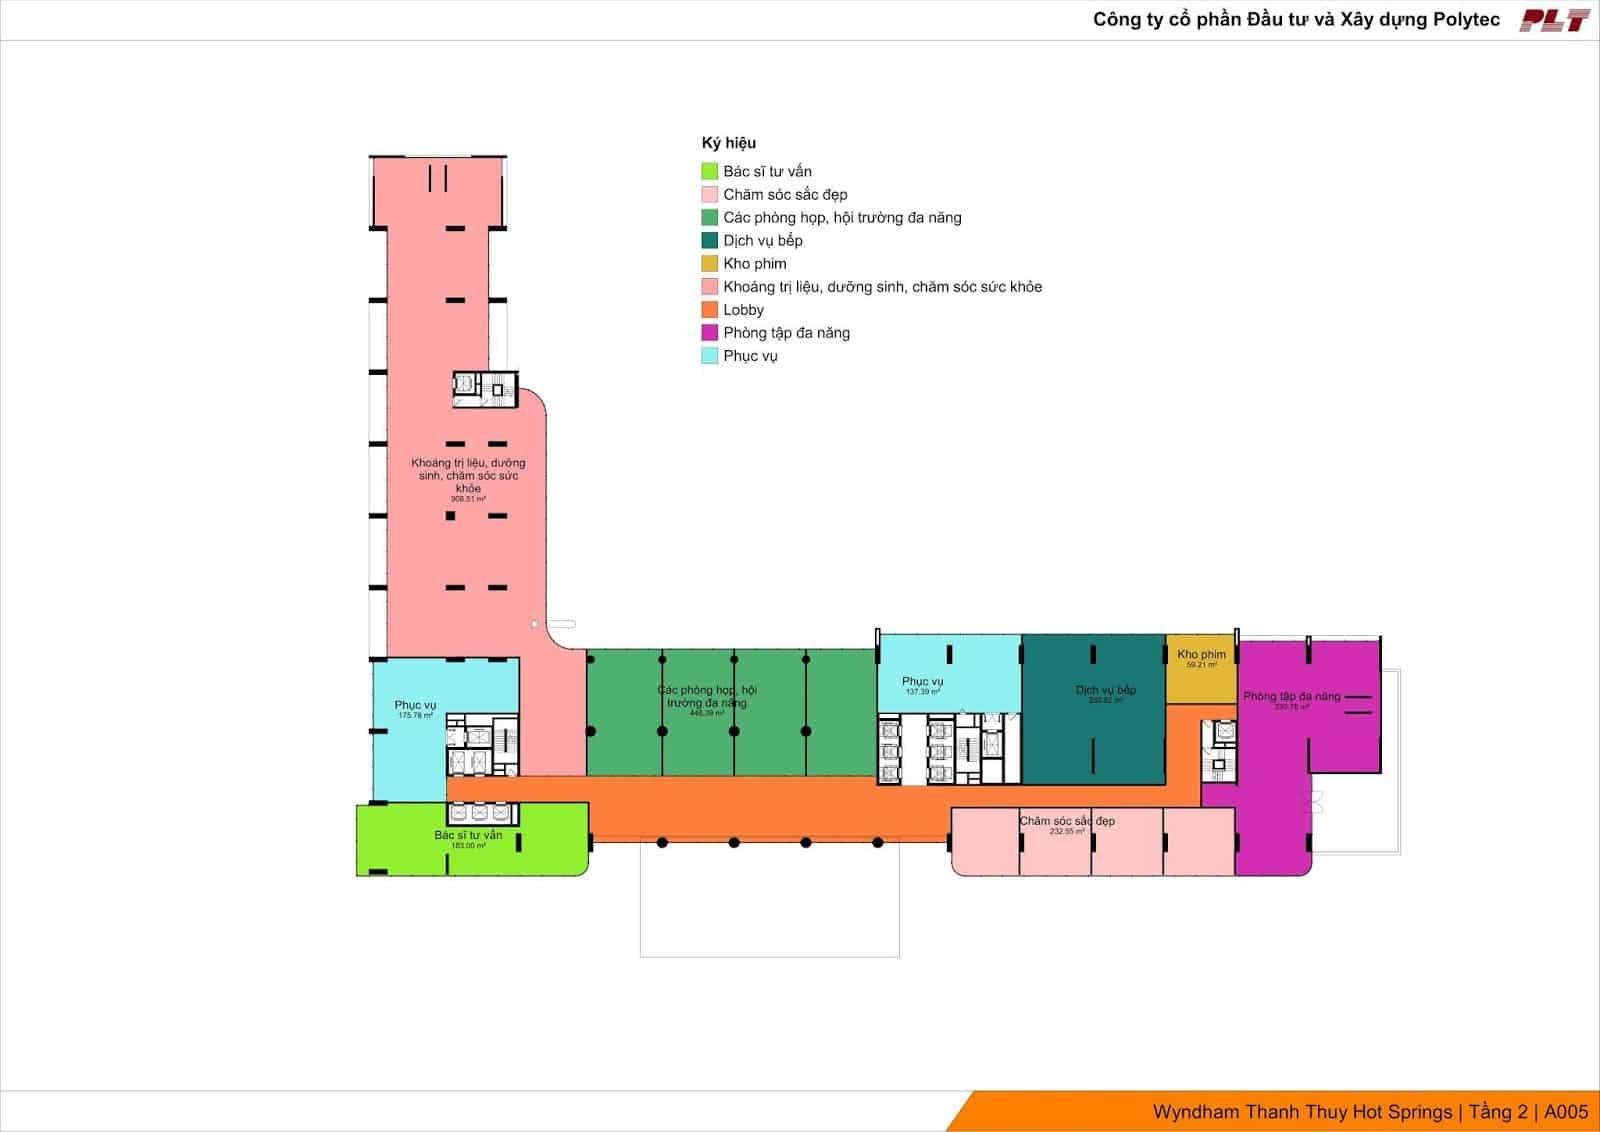 Tầng 2 tập trung dịch vụ chăm sóc sức khỏe Condotel Wyndham Lynn Times Thanh Thủy